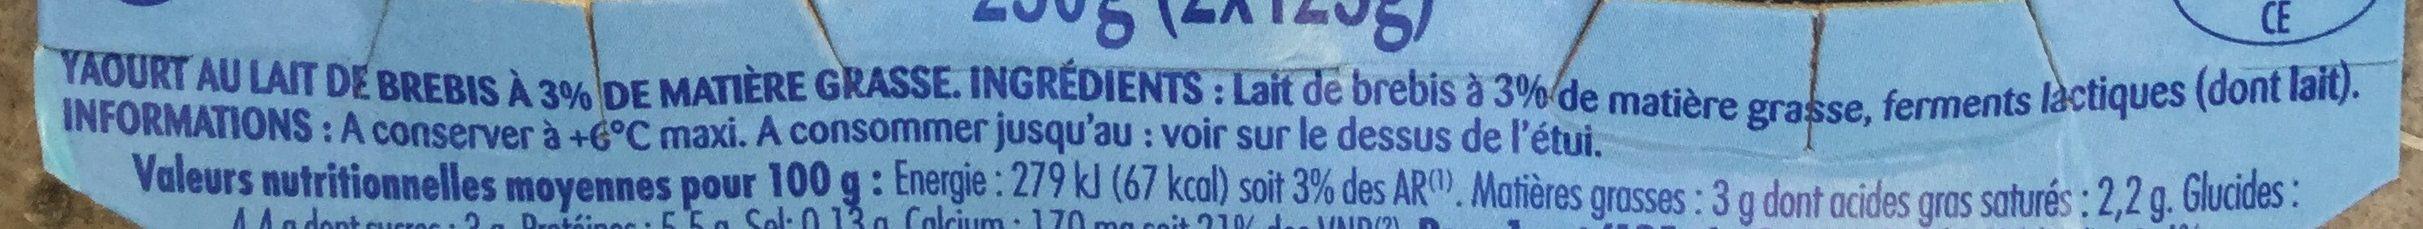 Yaourt pur brebis - Ingrediënten